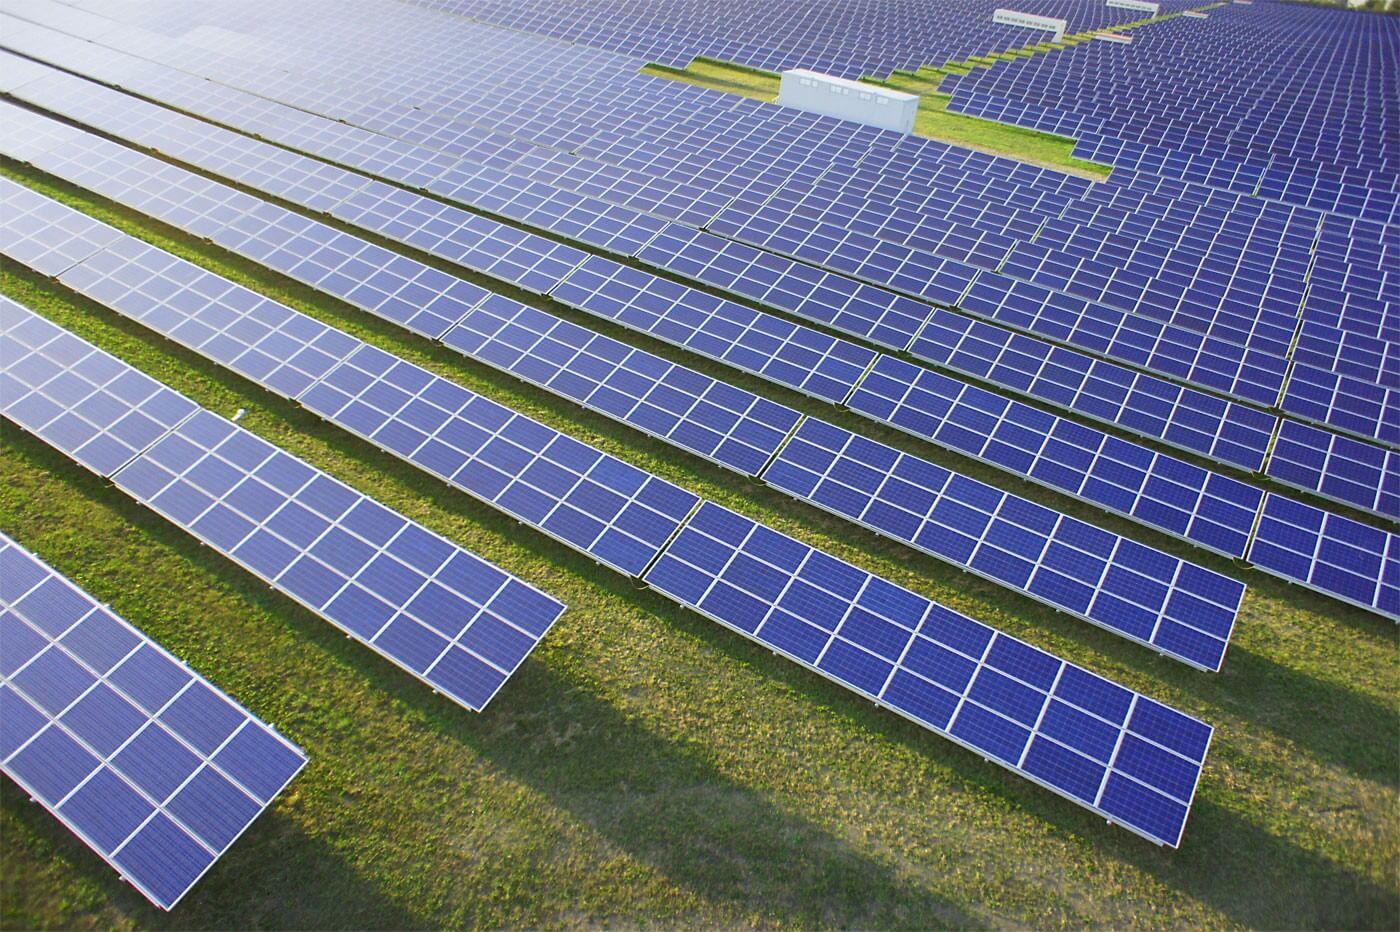 Szén helyett napelemek: a megújuló energia felé nyit Komló